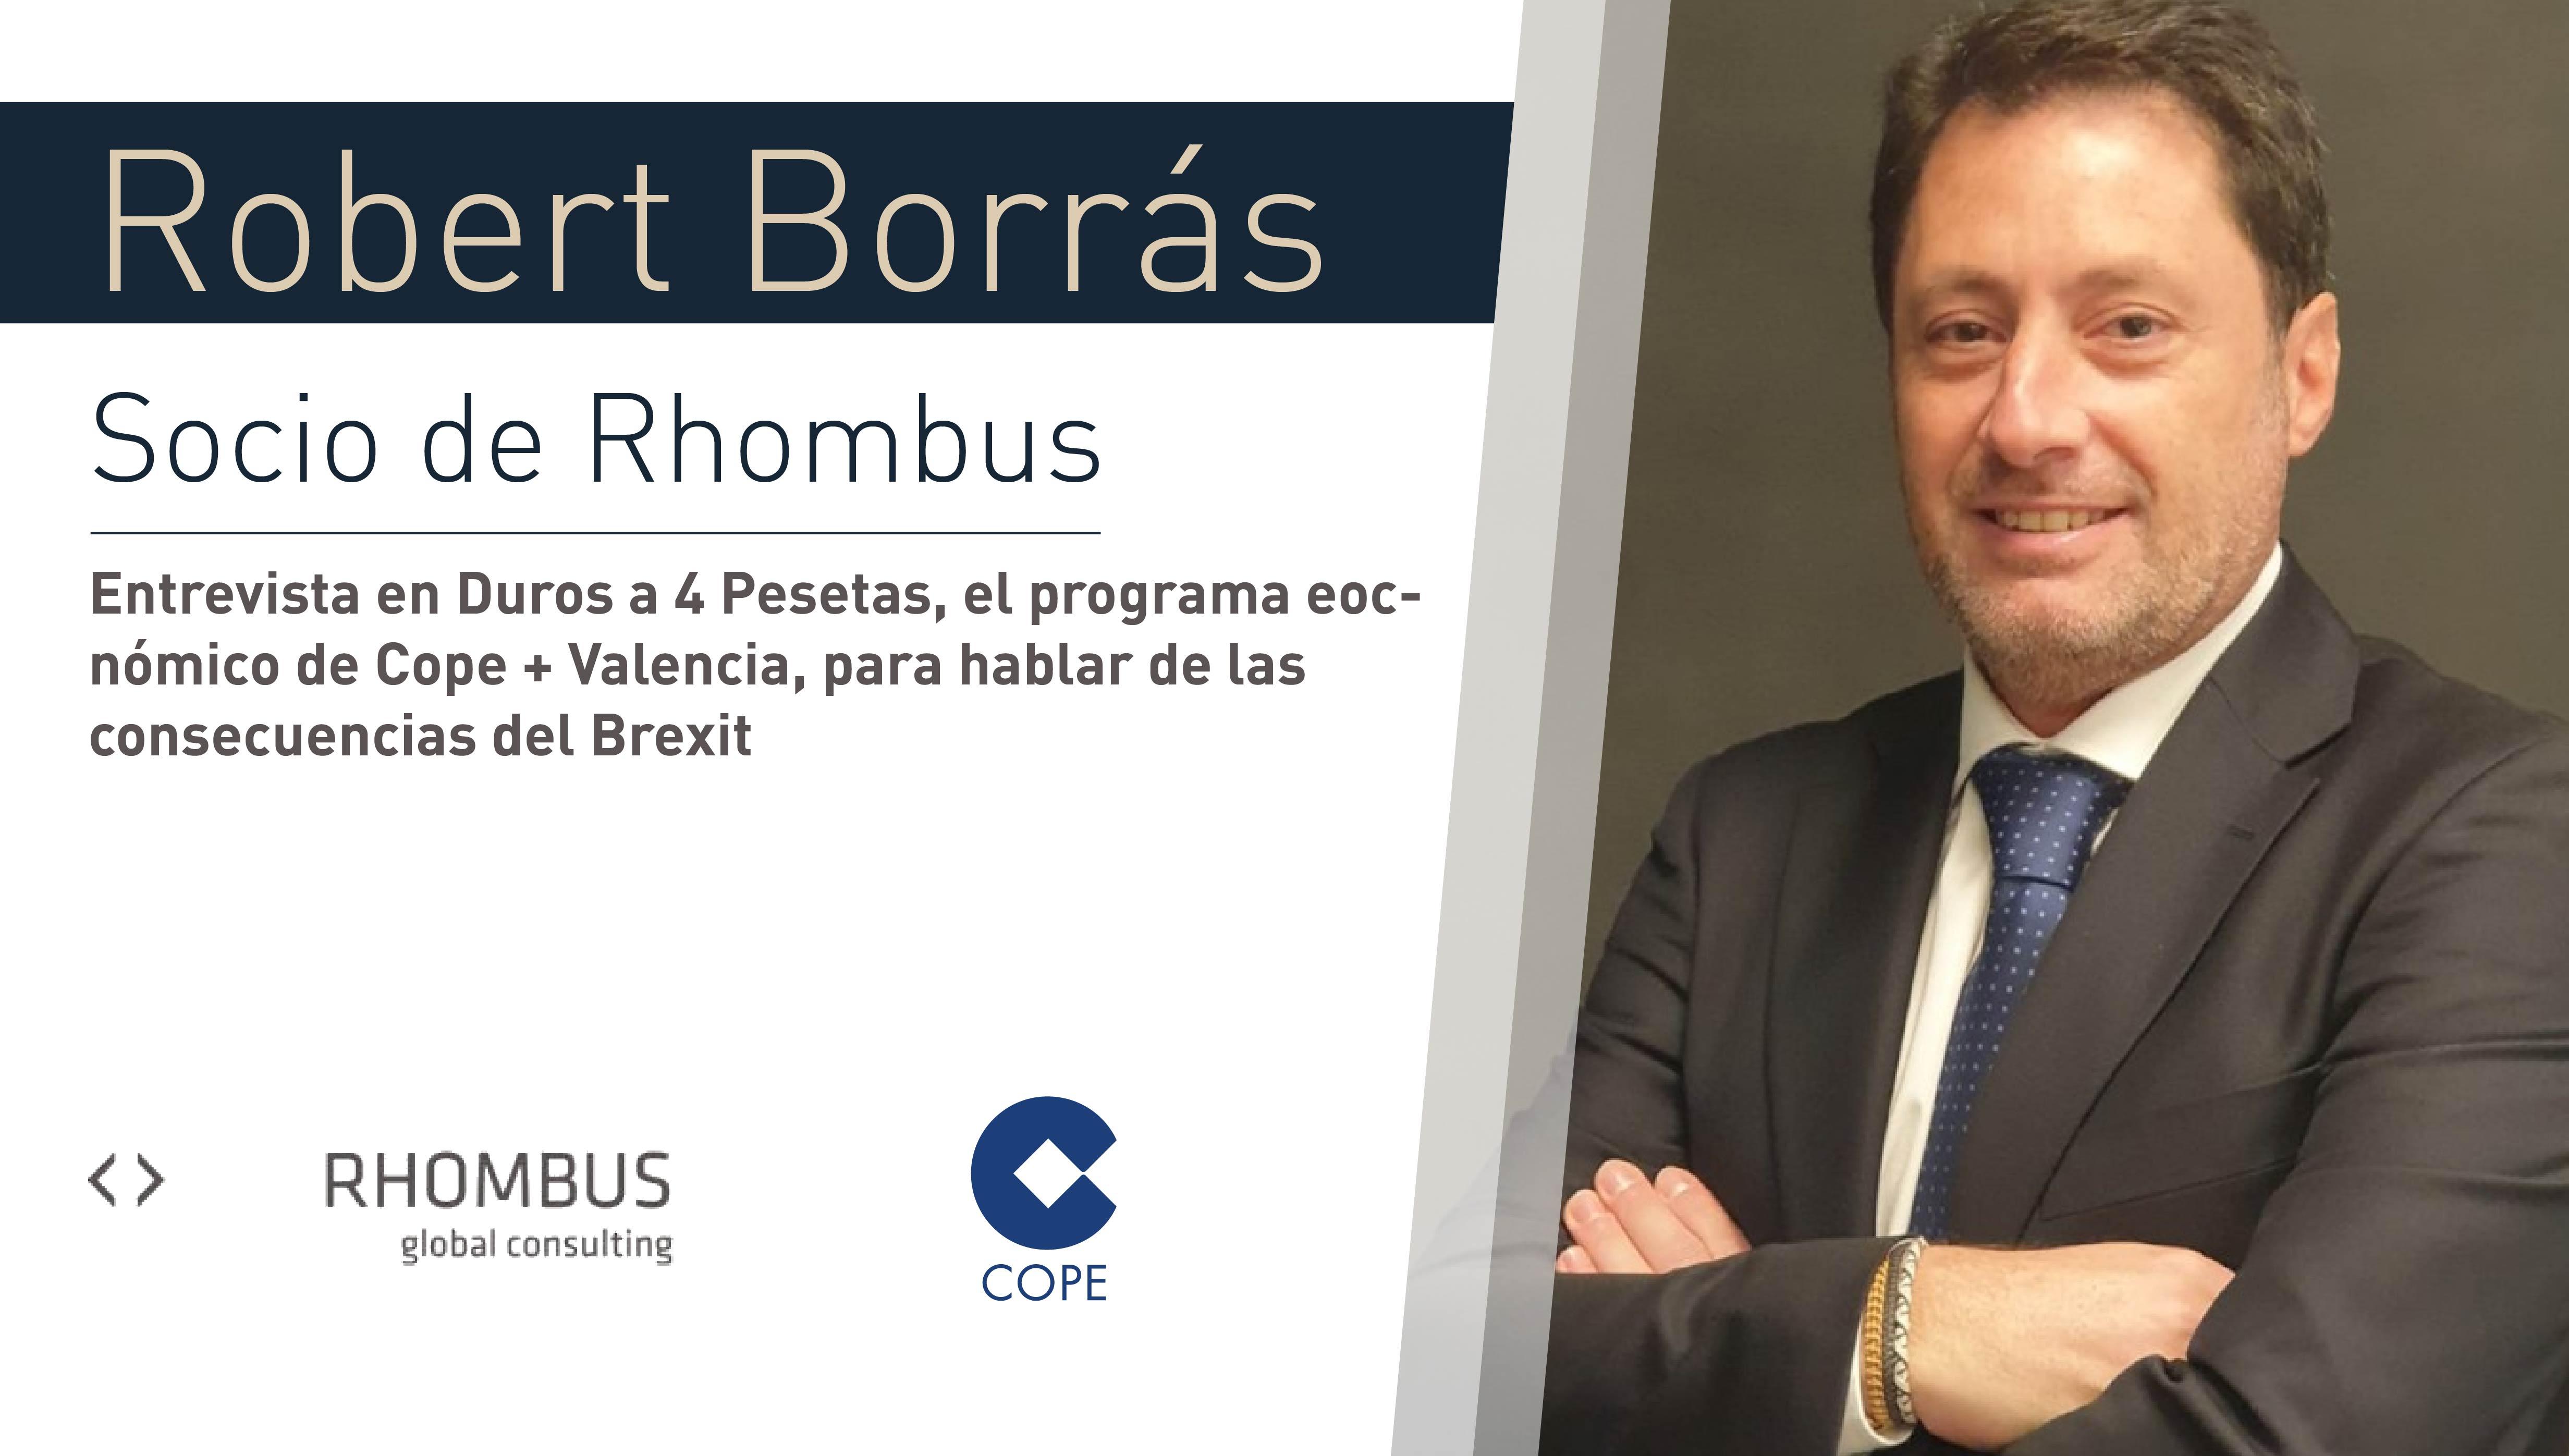 Entrevista a Robert Borrás, socio de Rhombus Global Consulting en Duros a 4 Pesetas